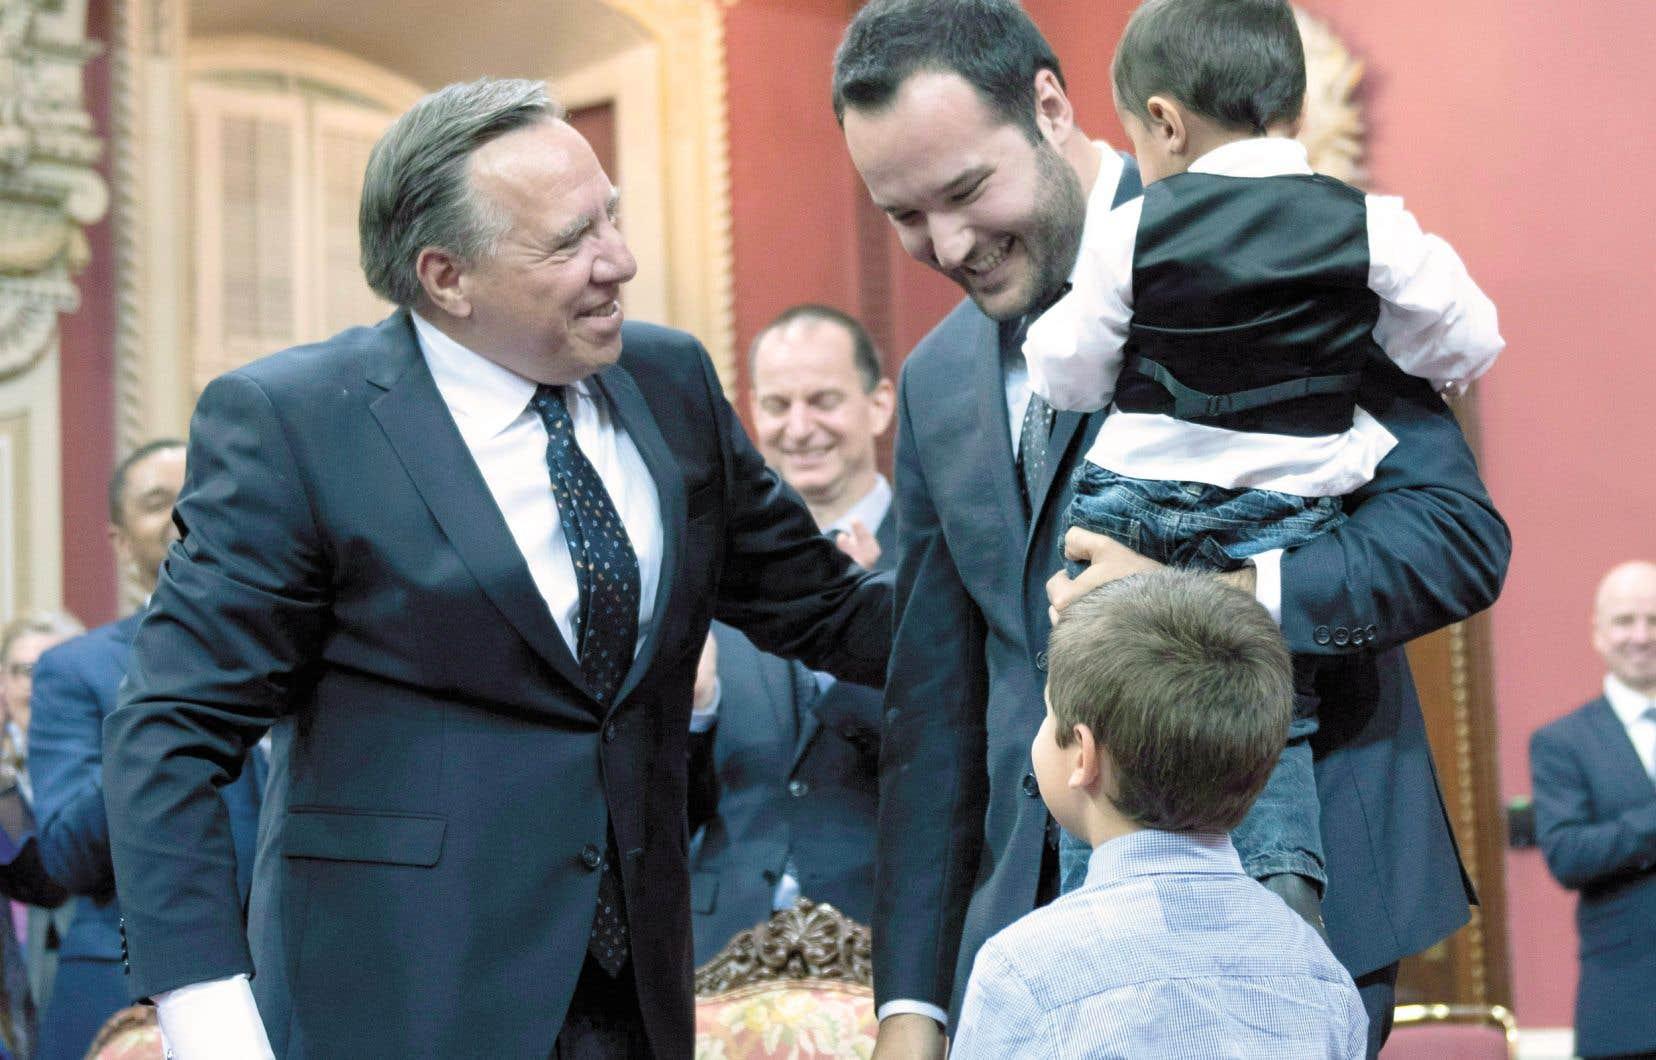 Le ministre de la Famille, Mathieu Lacombe, était accompagné de ses enfants à son assermentation en octobre 2018. Avec d'autres députés de l'Assemblée nationale, il cherche comment faciliter la vie familiale des politiciens sans s'accorder un privilège dont les citoyens ne peuvent bénéficier.